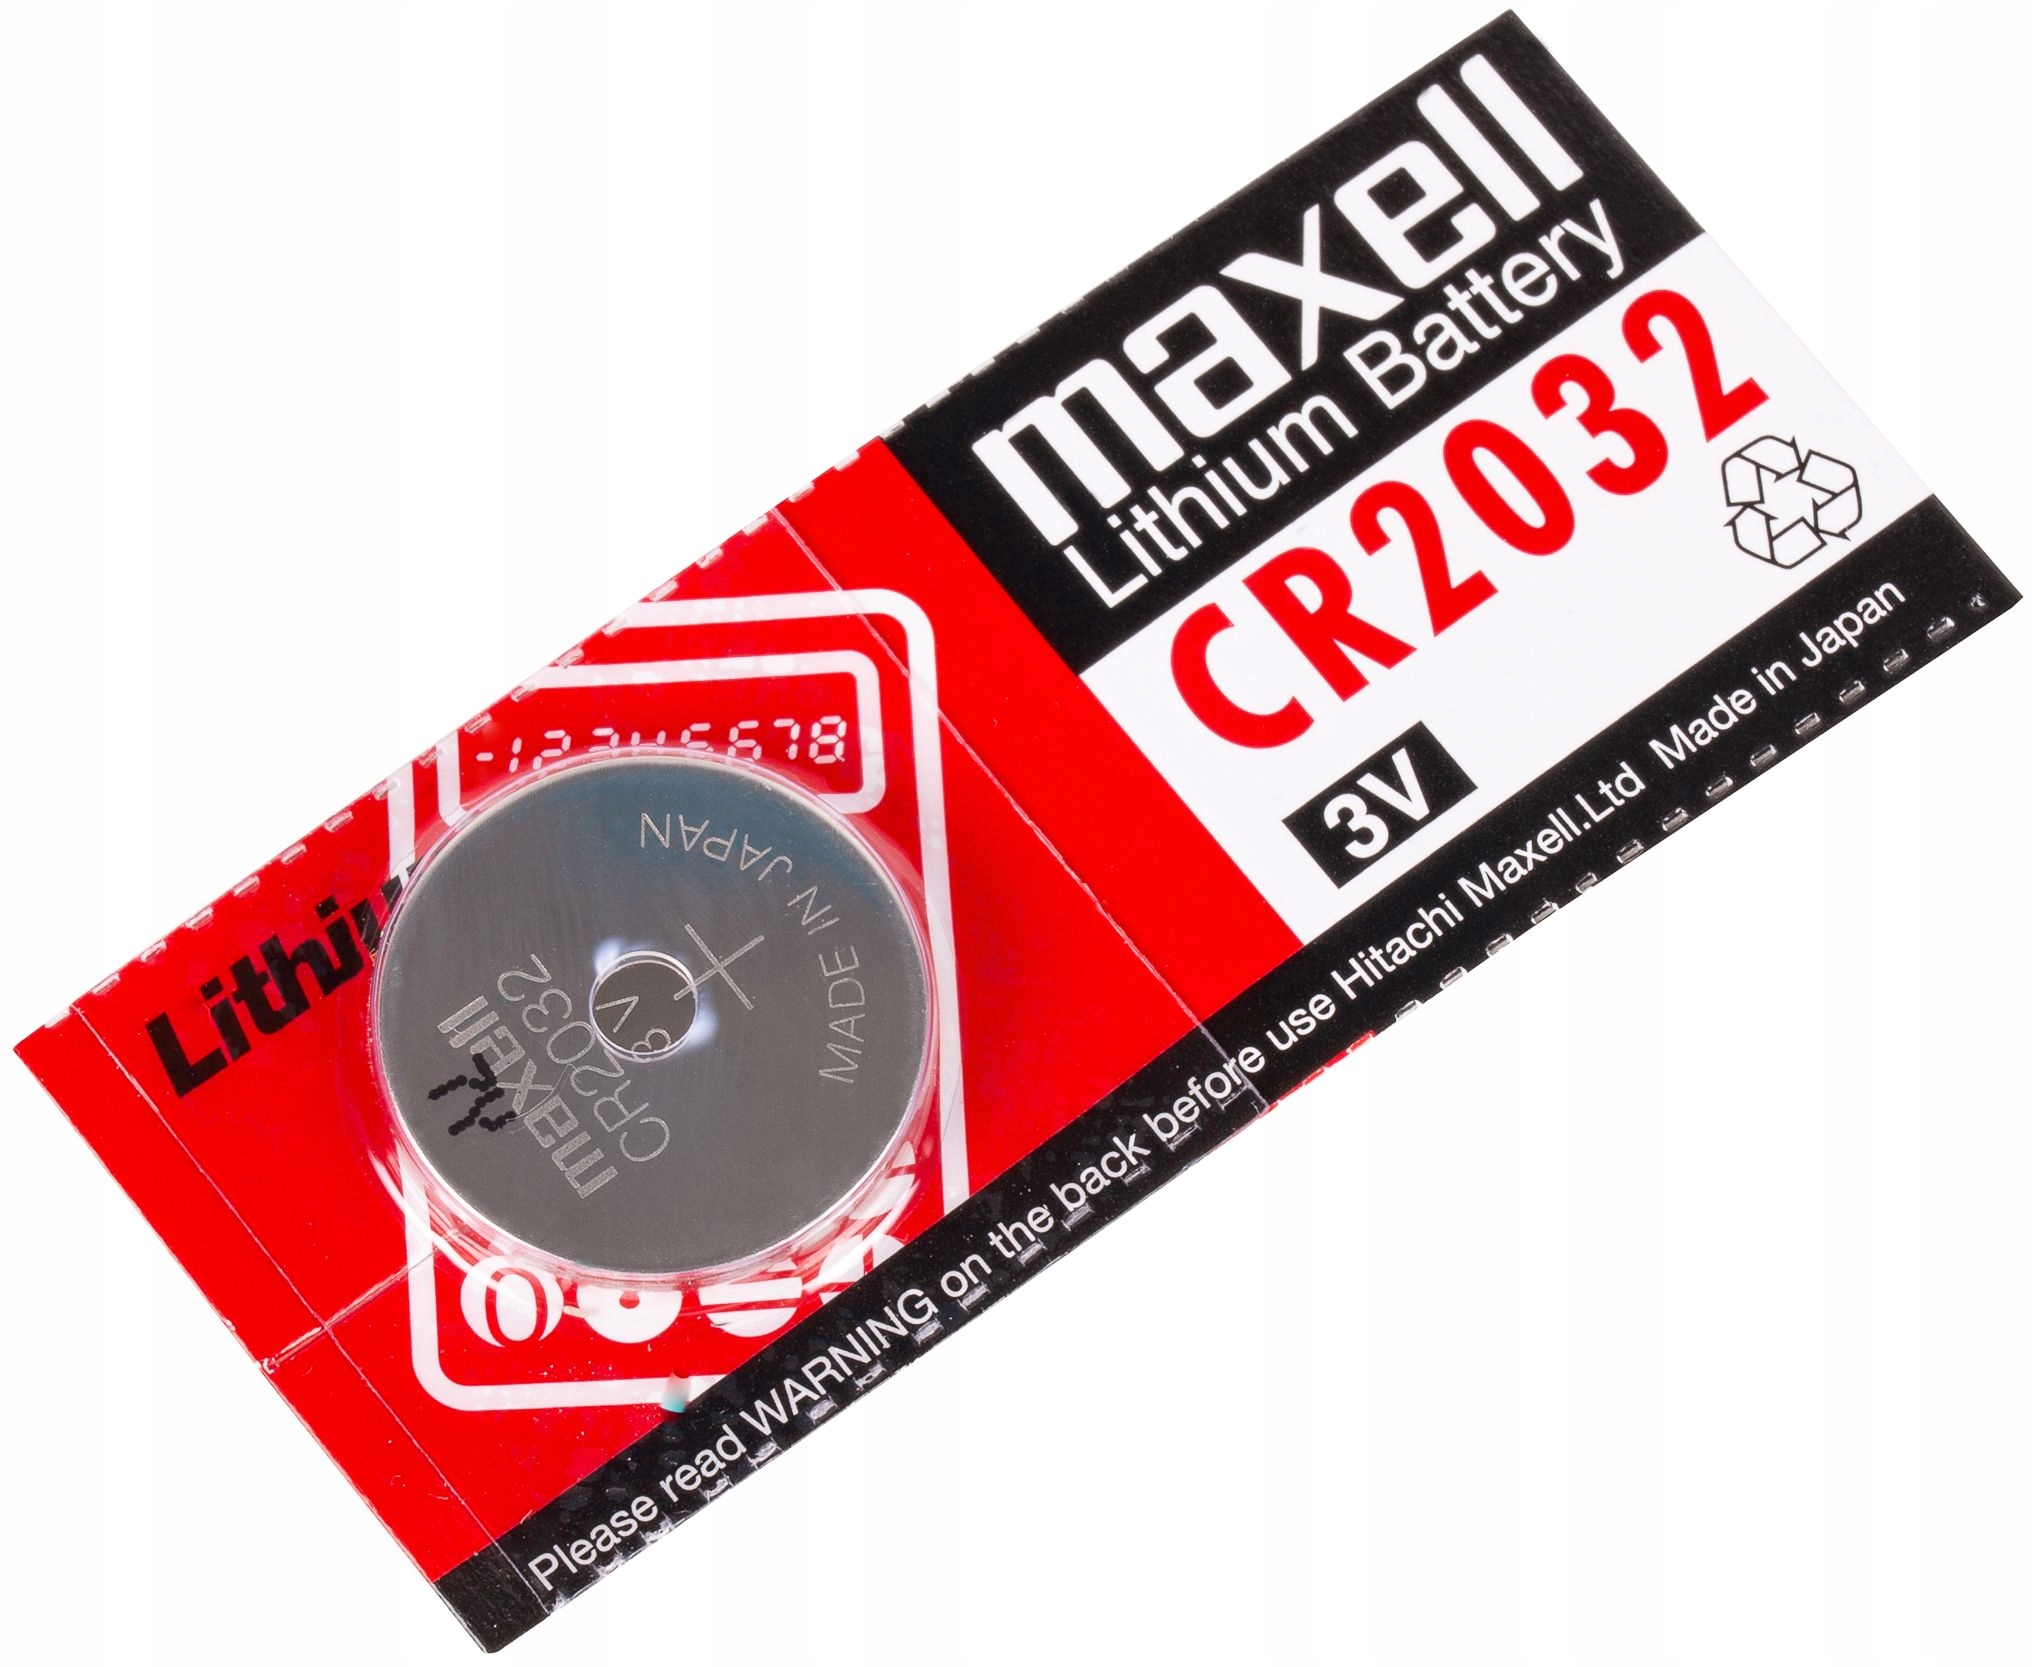 Важная информация о батарейке - модели CR2032